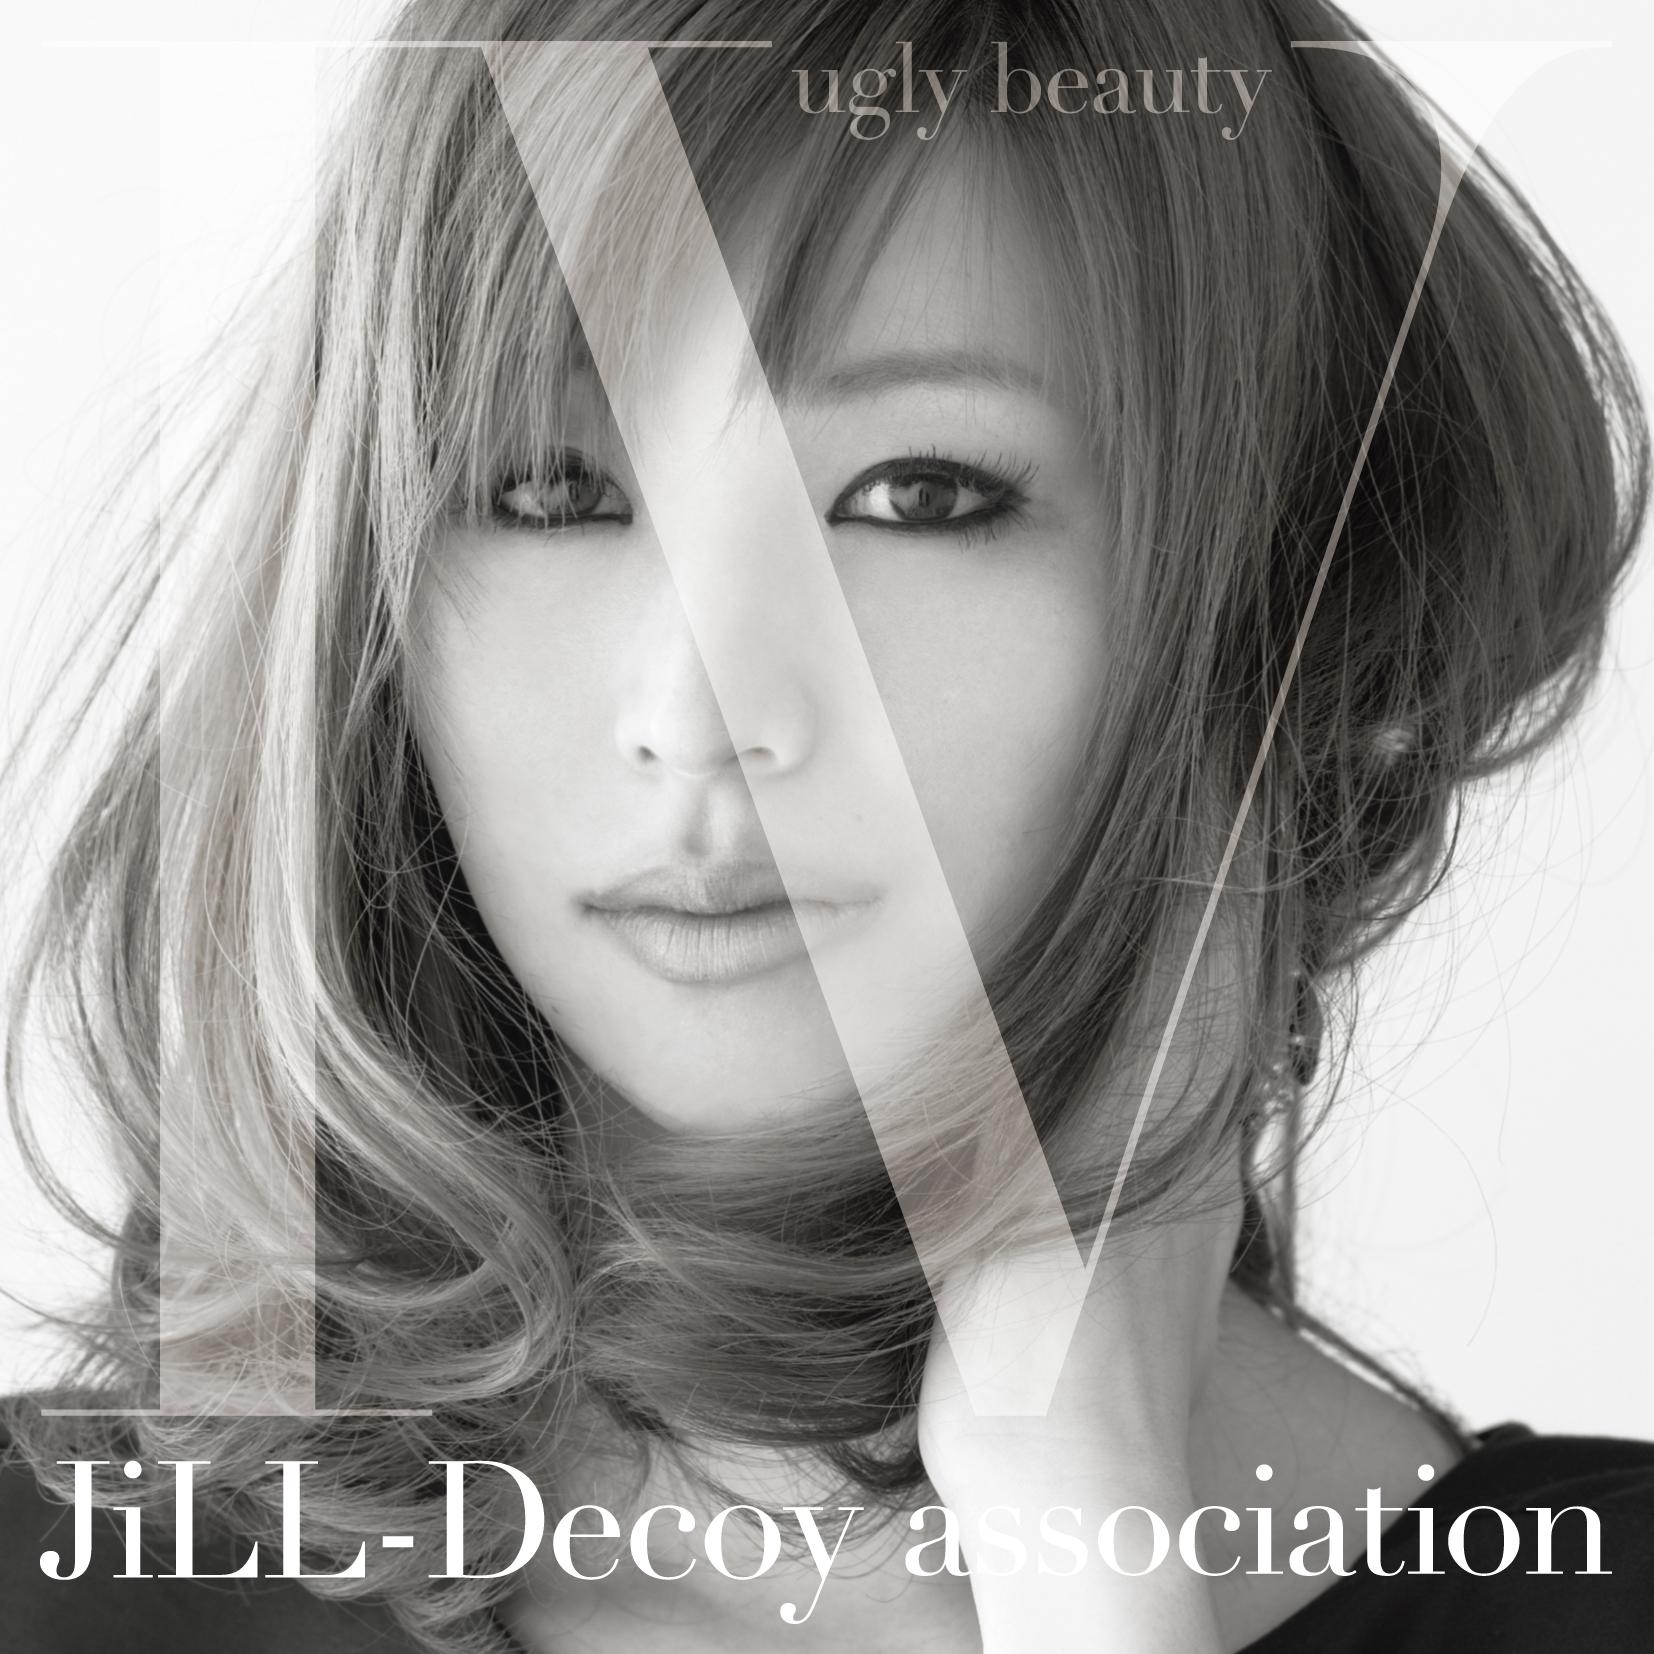 JiLL-Decoy association 「Ⅳ」